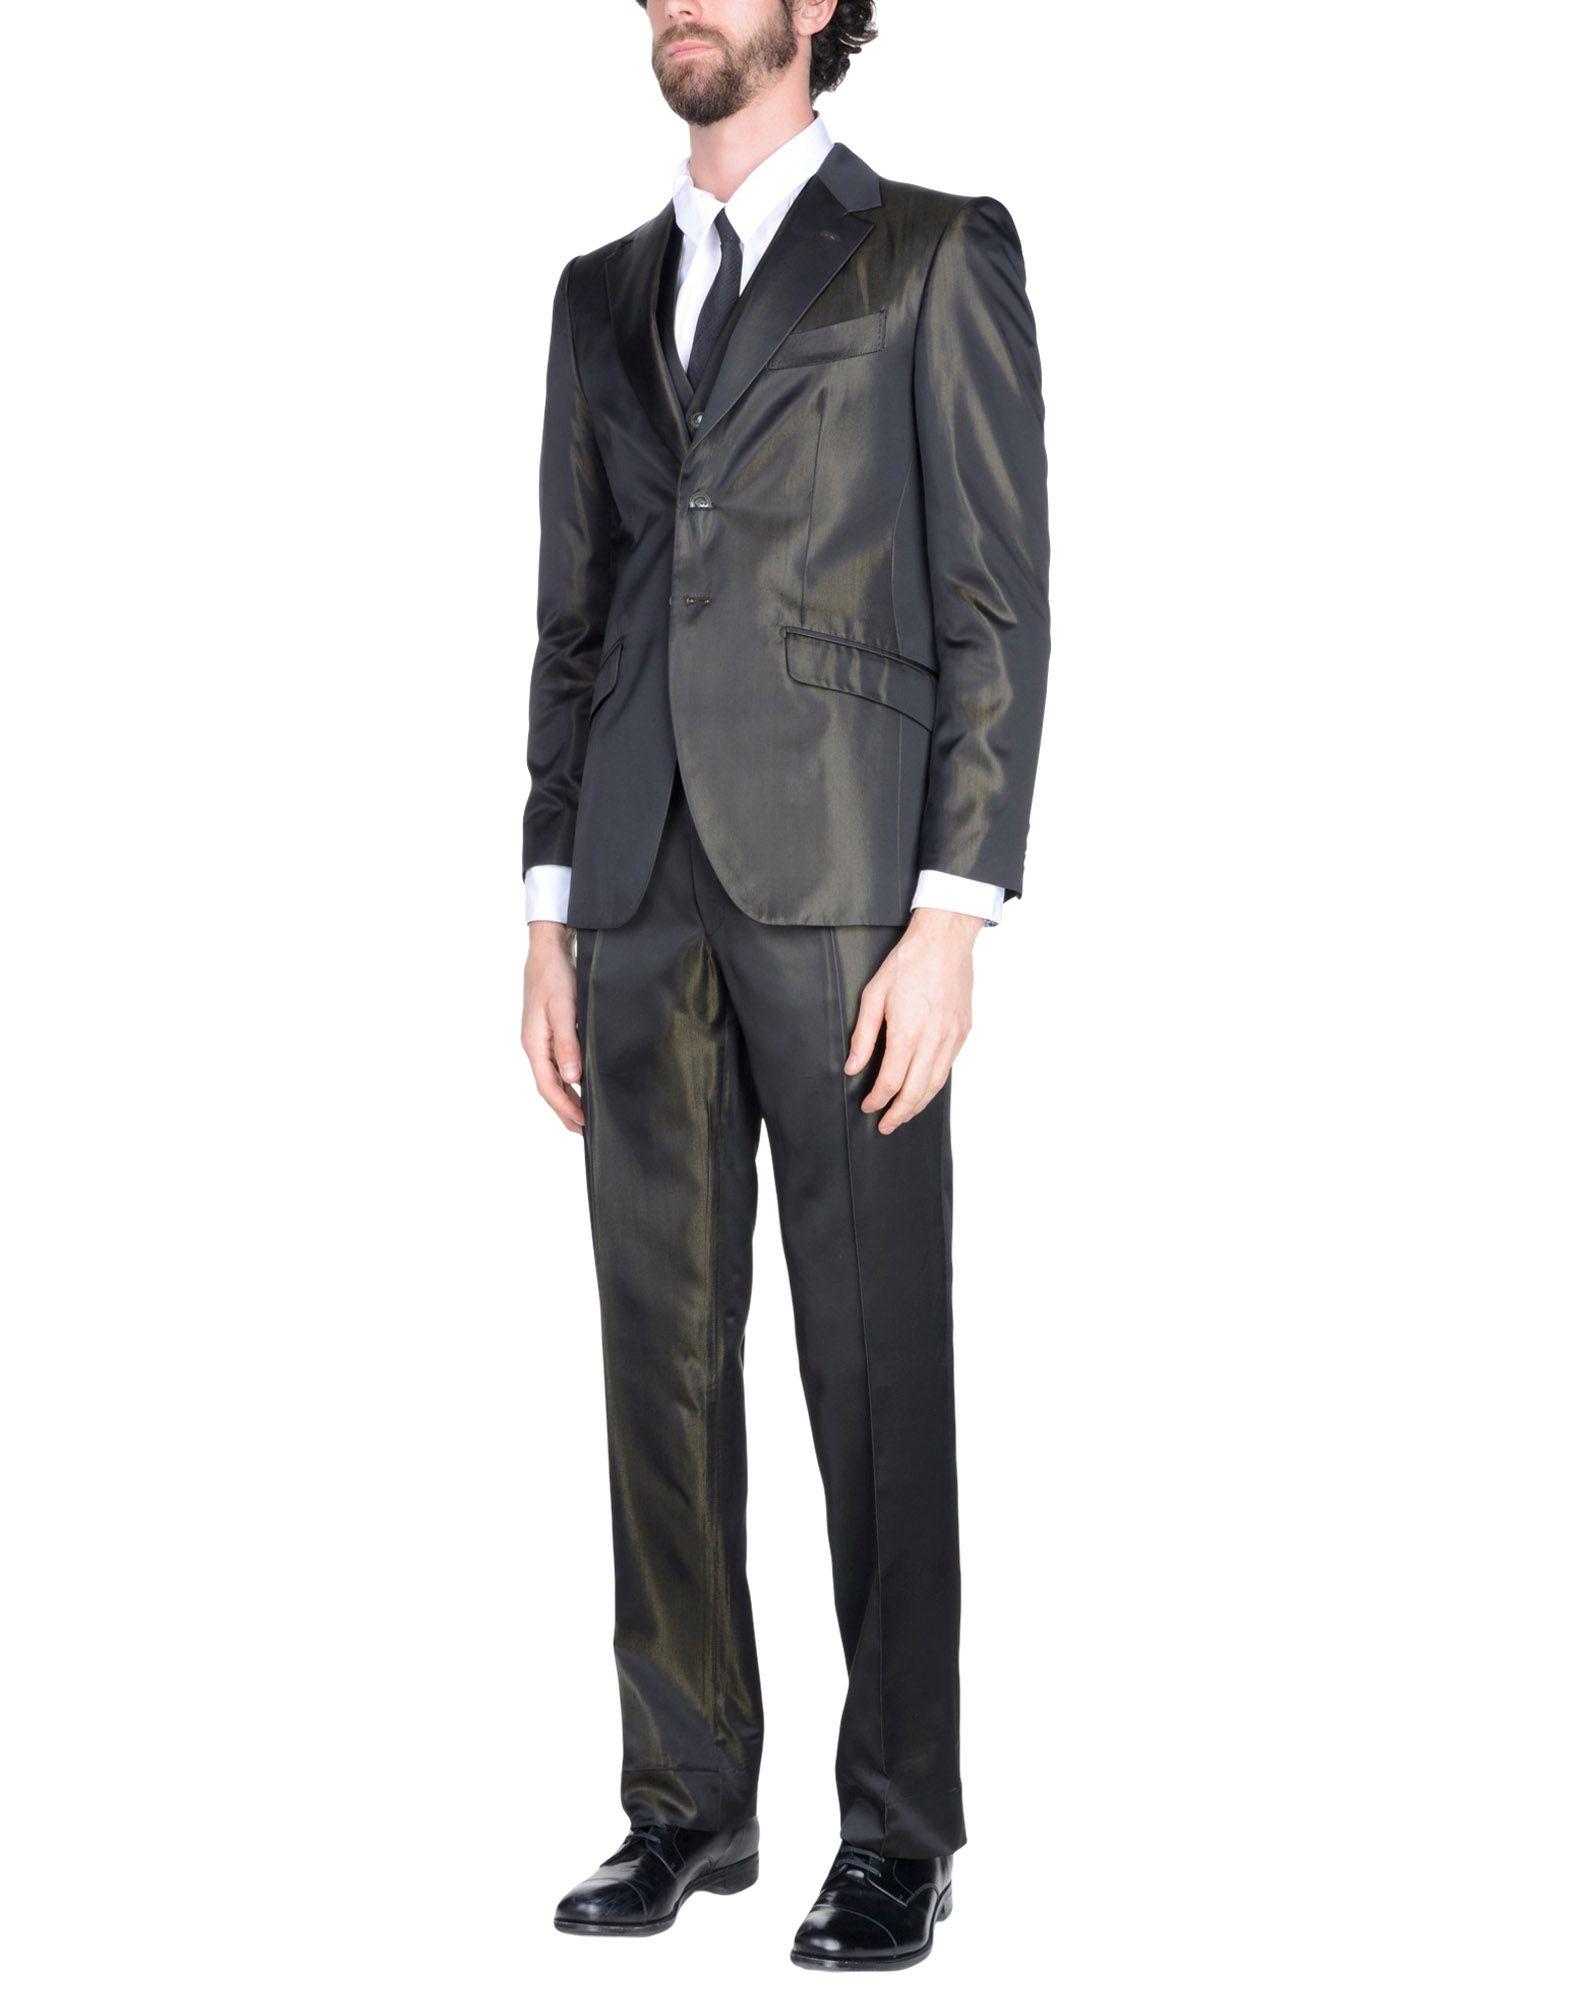 《送料無料》CARLO PIGNATELLI CERIMONIA メンズ スーツ ダークブラウン 50 アセテート 67% / シルク 33%